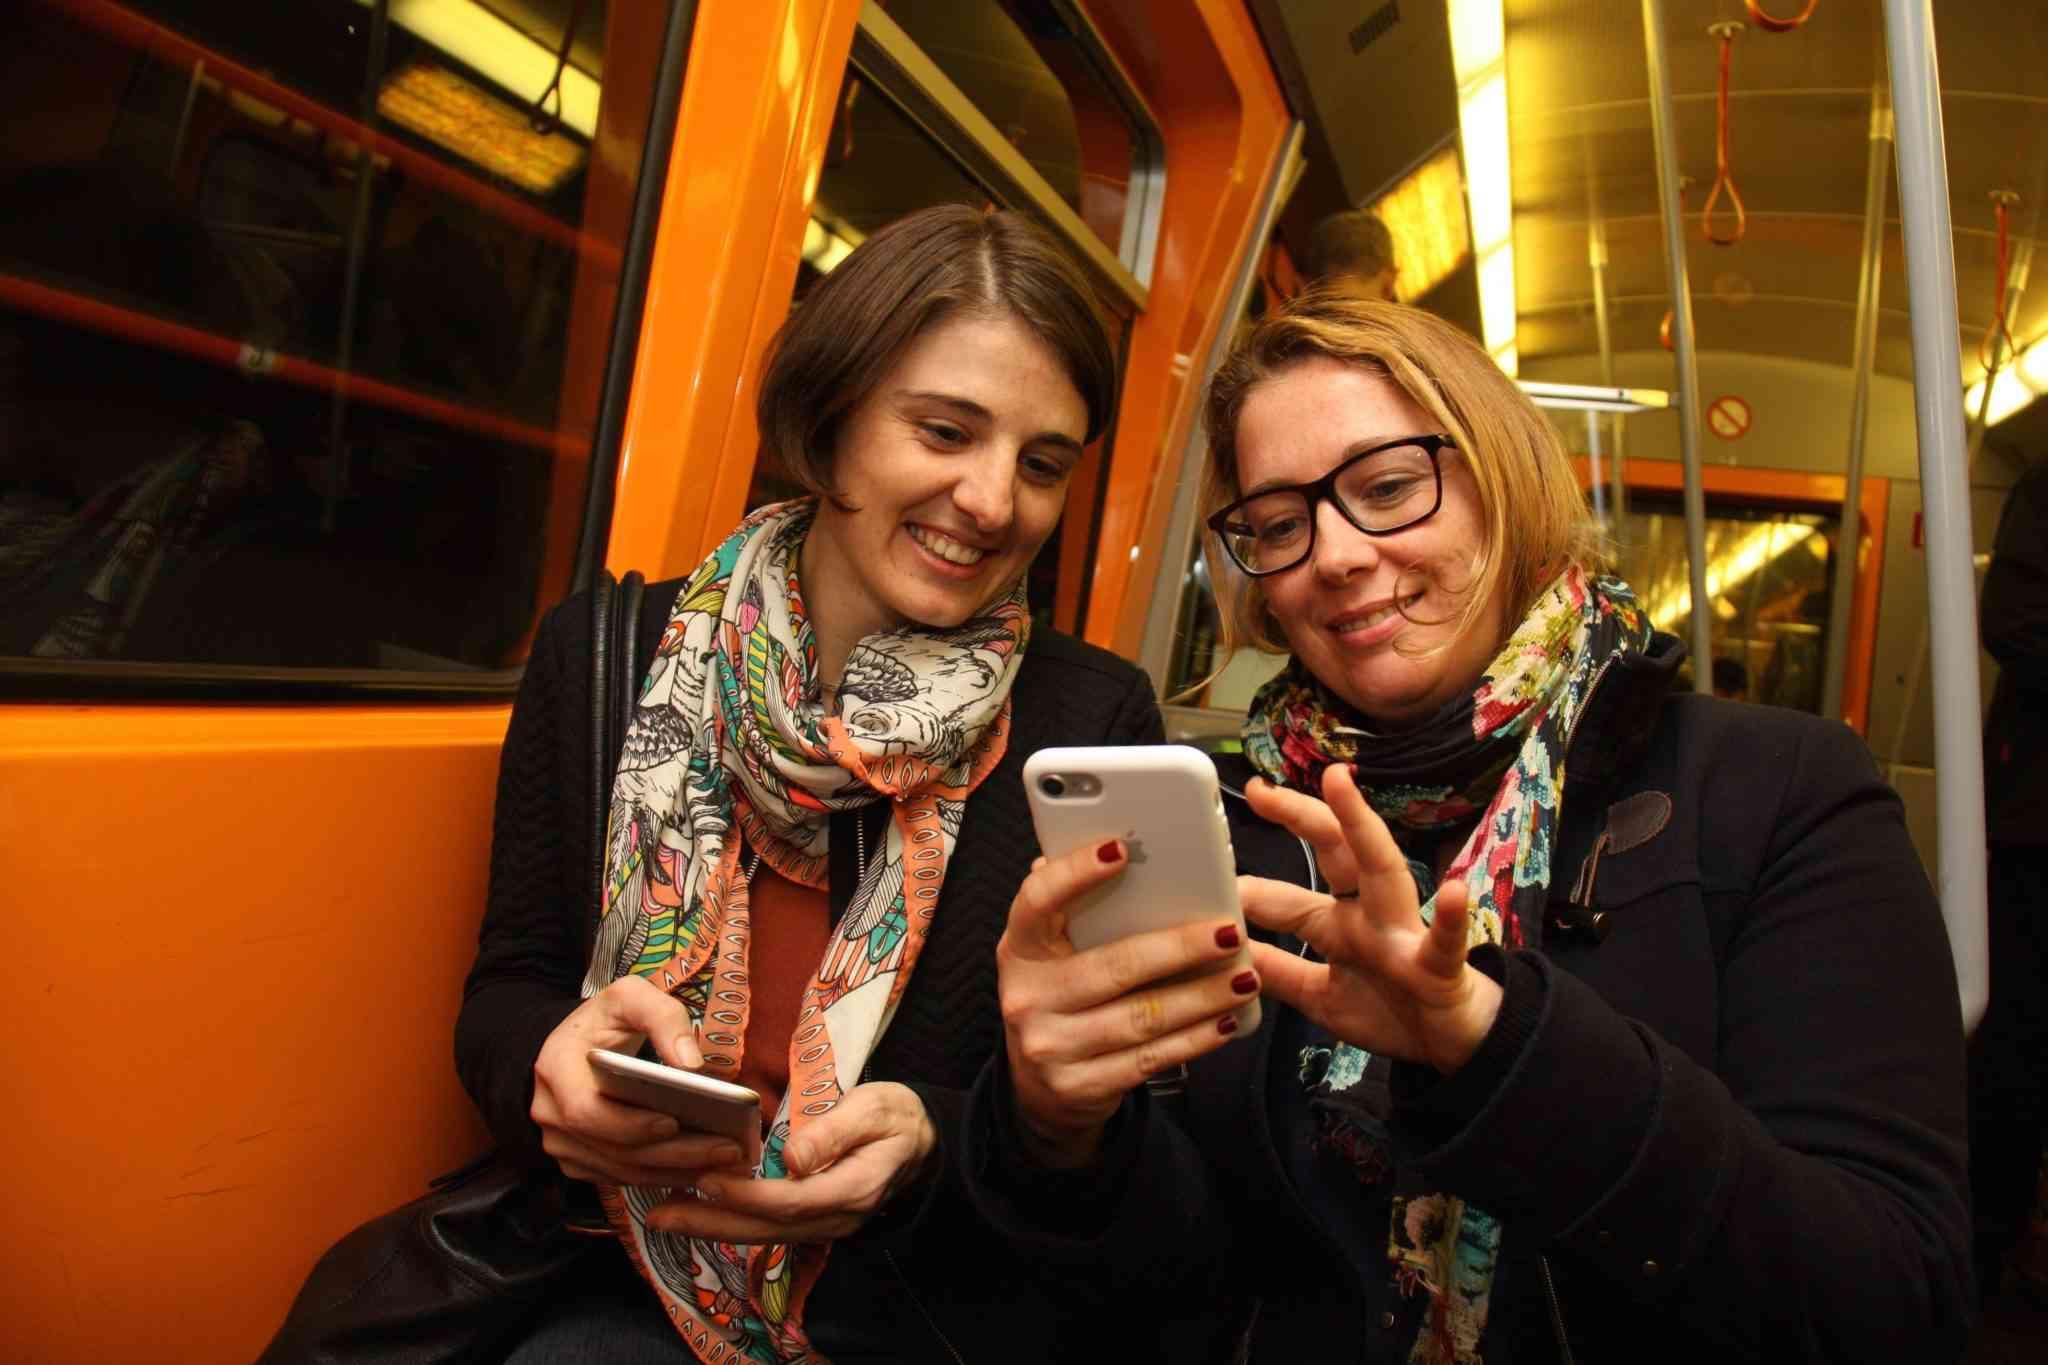 Handynutzung in der U-Bahn ist heute selbstverständlich